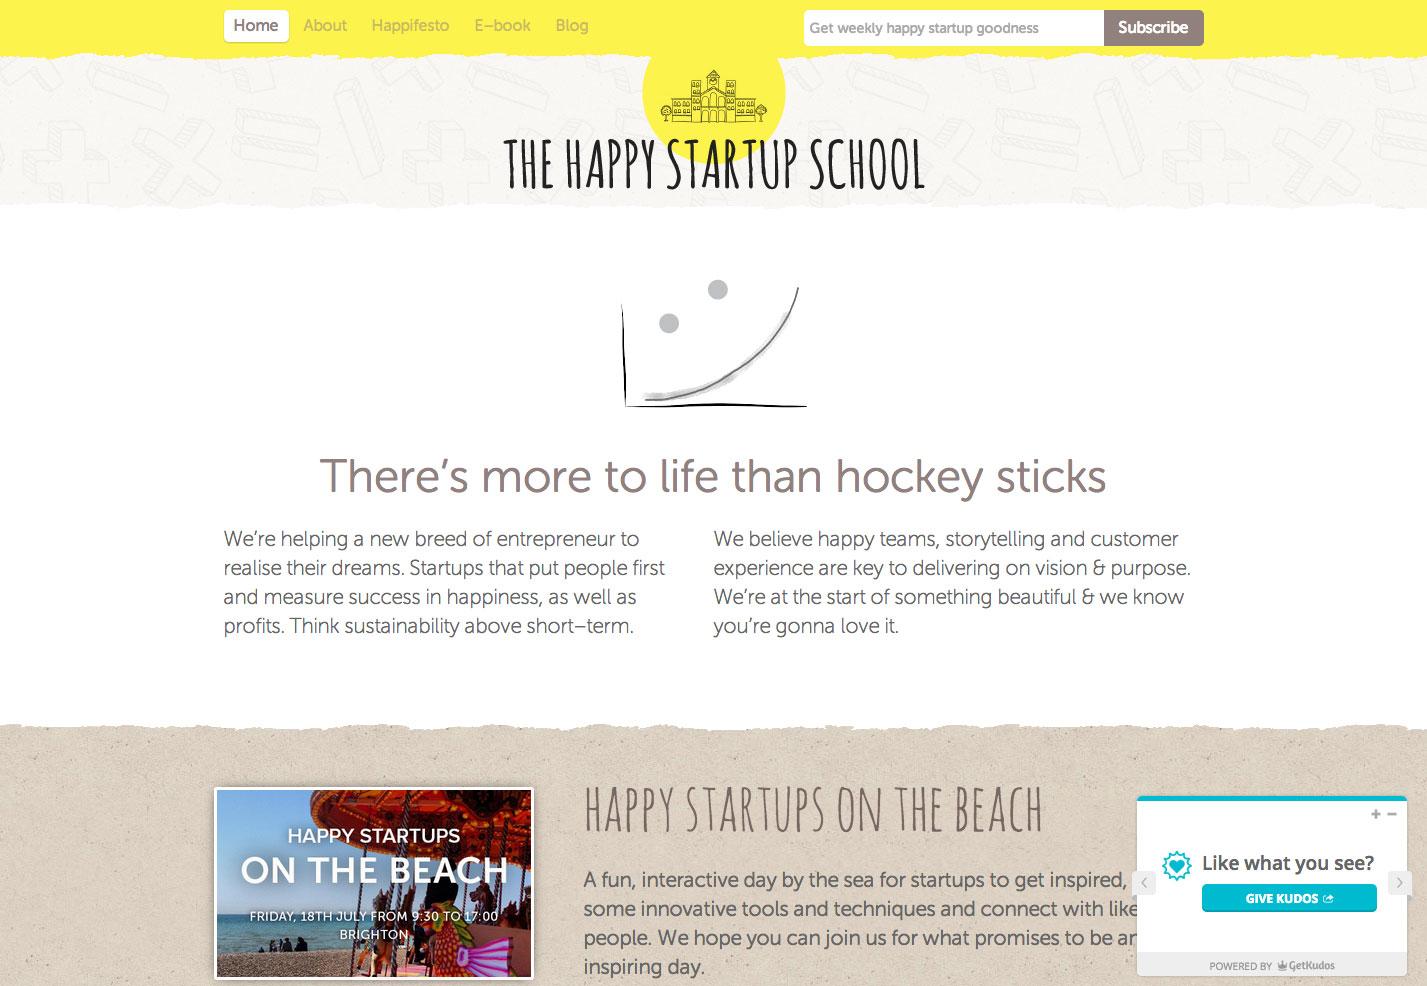 de gelukkige startup school